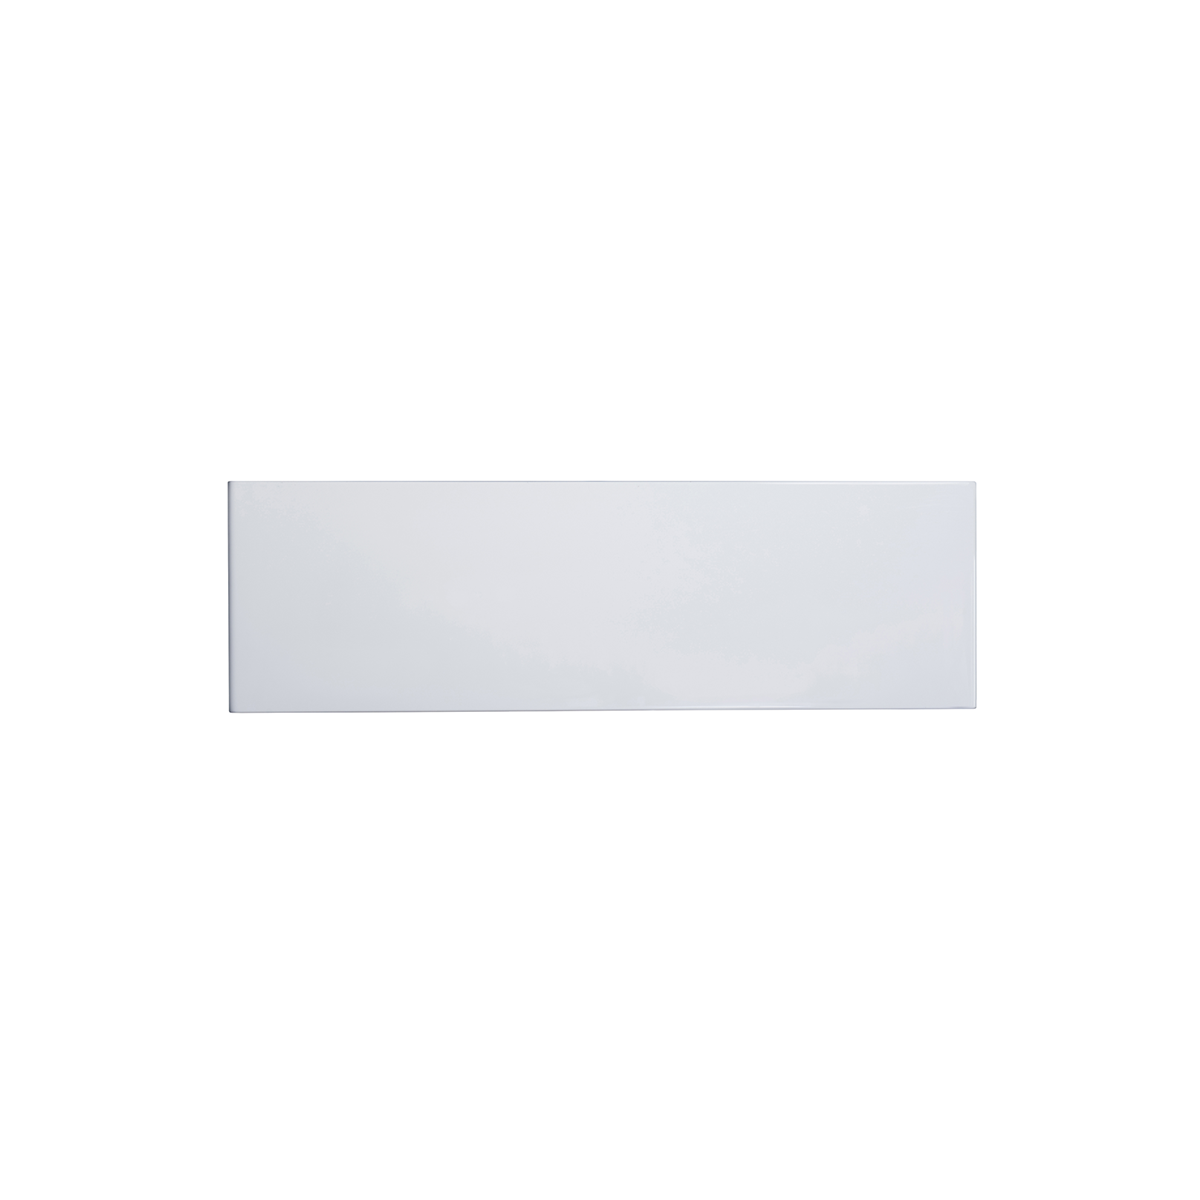 Панель фронтальная для акриловой ванны Roca BeCool 180х80 ZRU9302783 панель фронтальная для ванны акриловой cersanit 140см универсальная